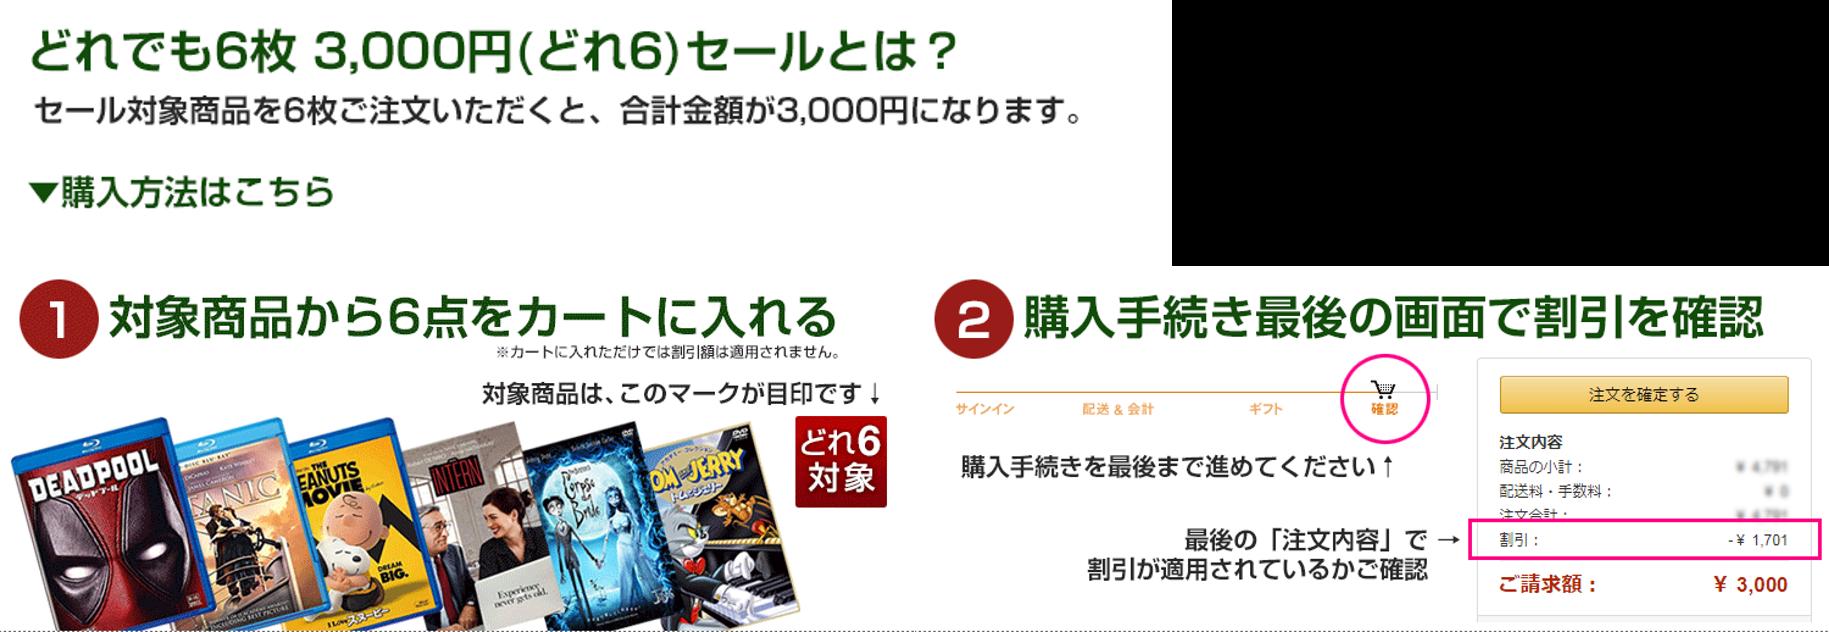 サイバーマンデー特別企画 「どれ6」 対象BD、DVDを6枚組み合わせて買うと3,000円